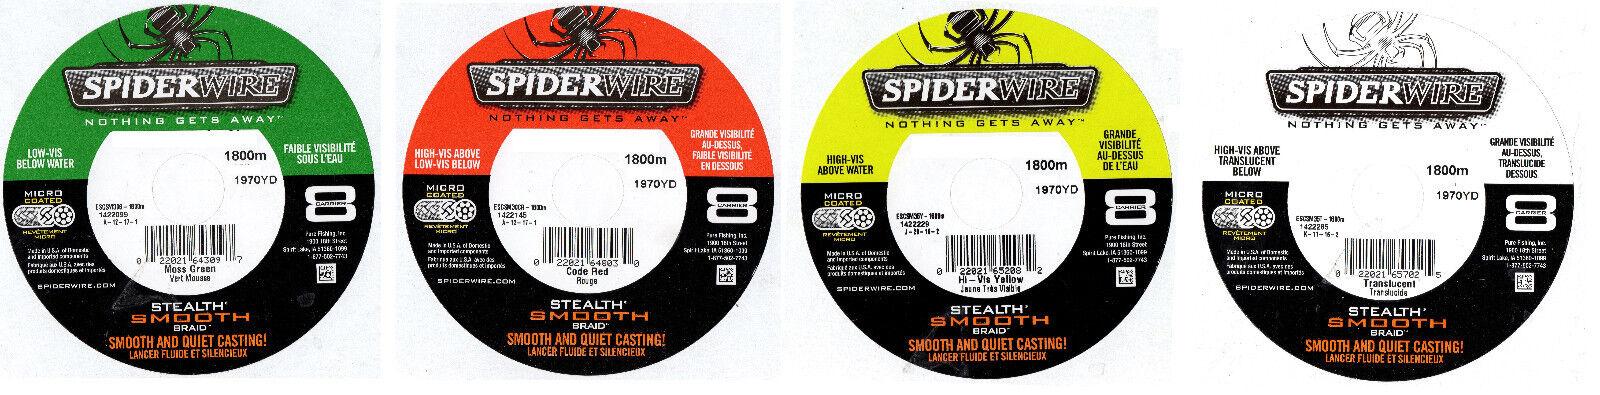 SPIDERWIRE STEALTH LISCIO 8 Braid 3000m 44lb-108lb verde Rosso gituttiotranslucent